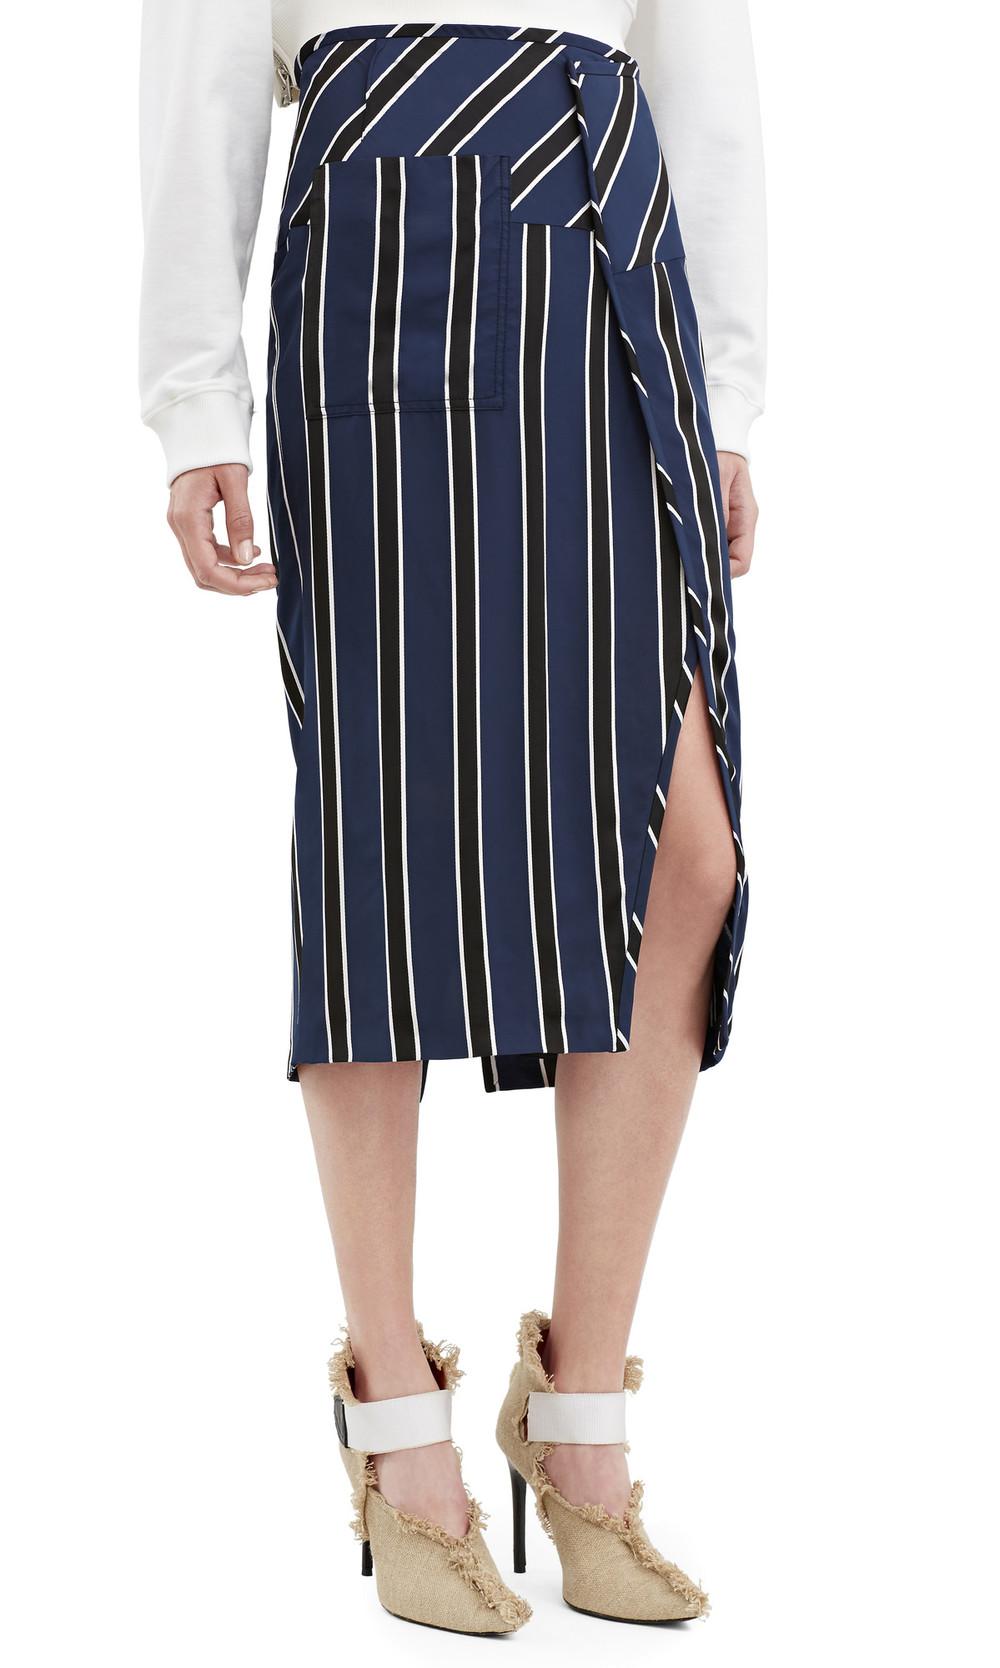 Acne Stripe Skirt